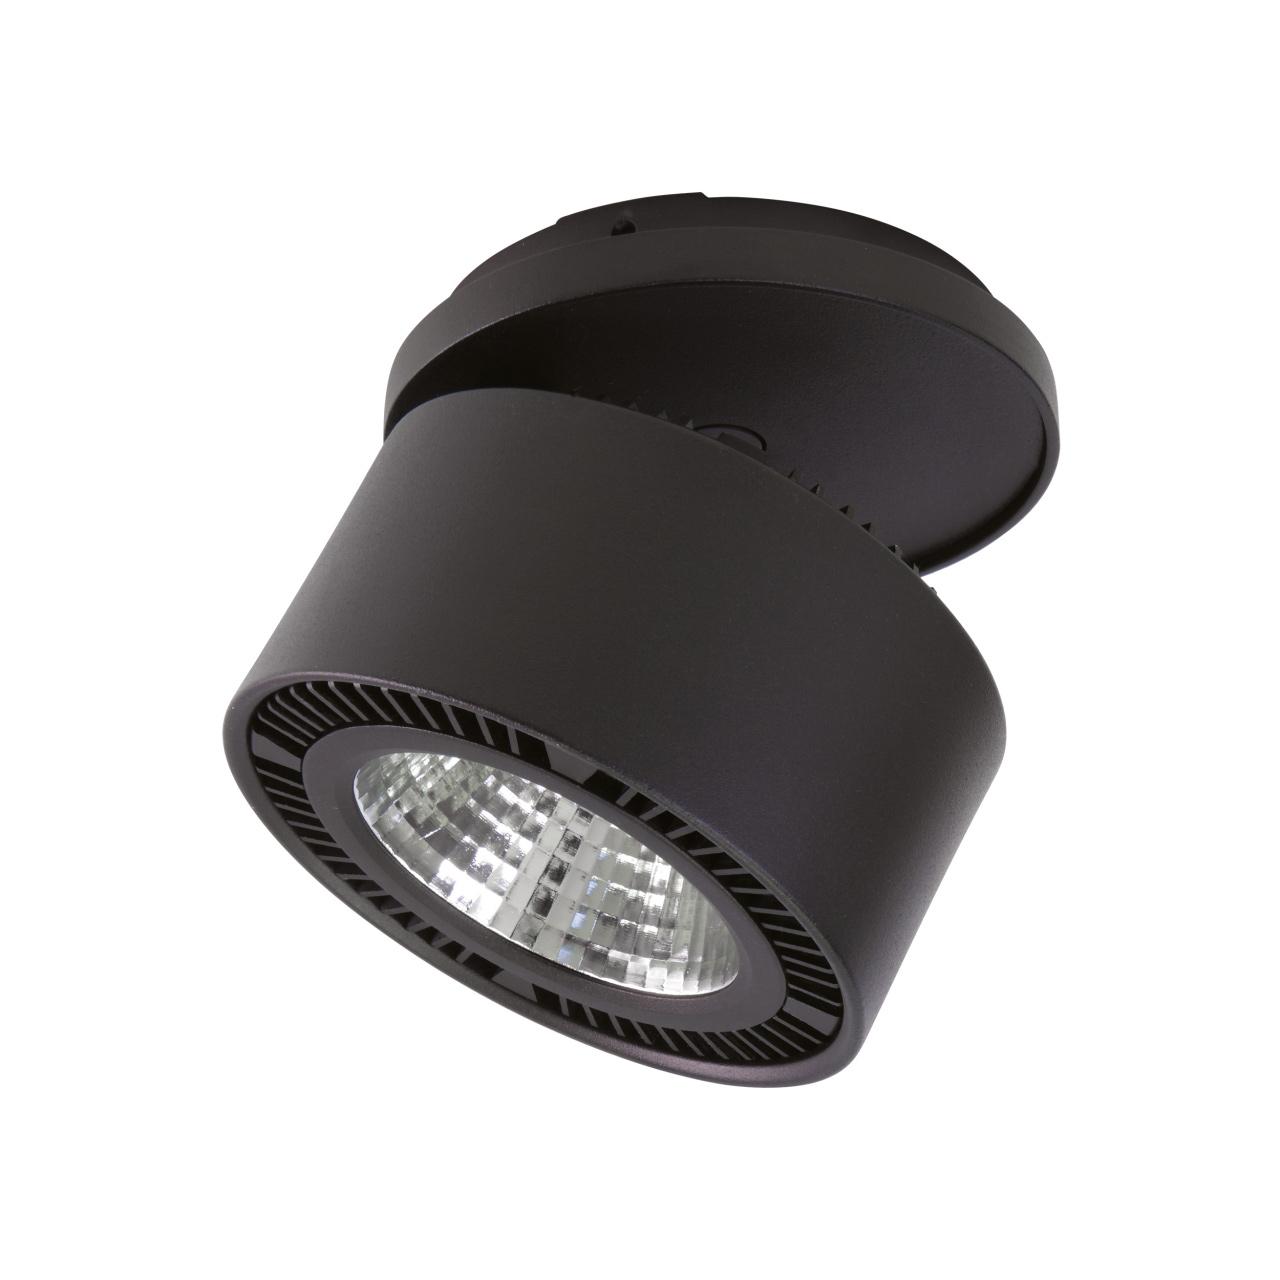 Светильник Forte inca LED 40W 3400LM 30G черный 3000K Lightstar 213847